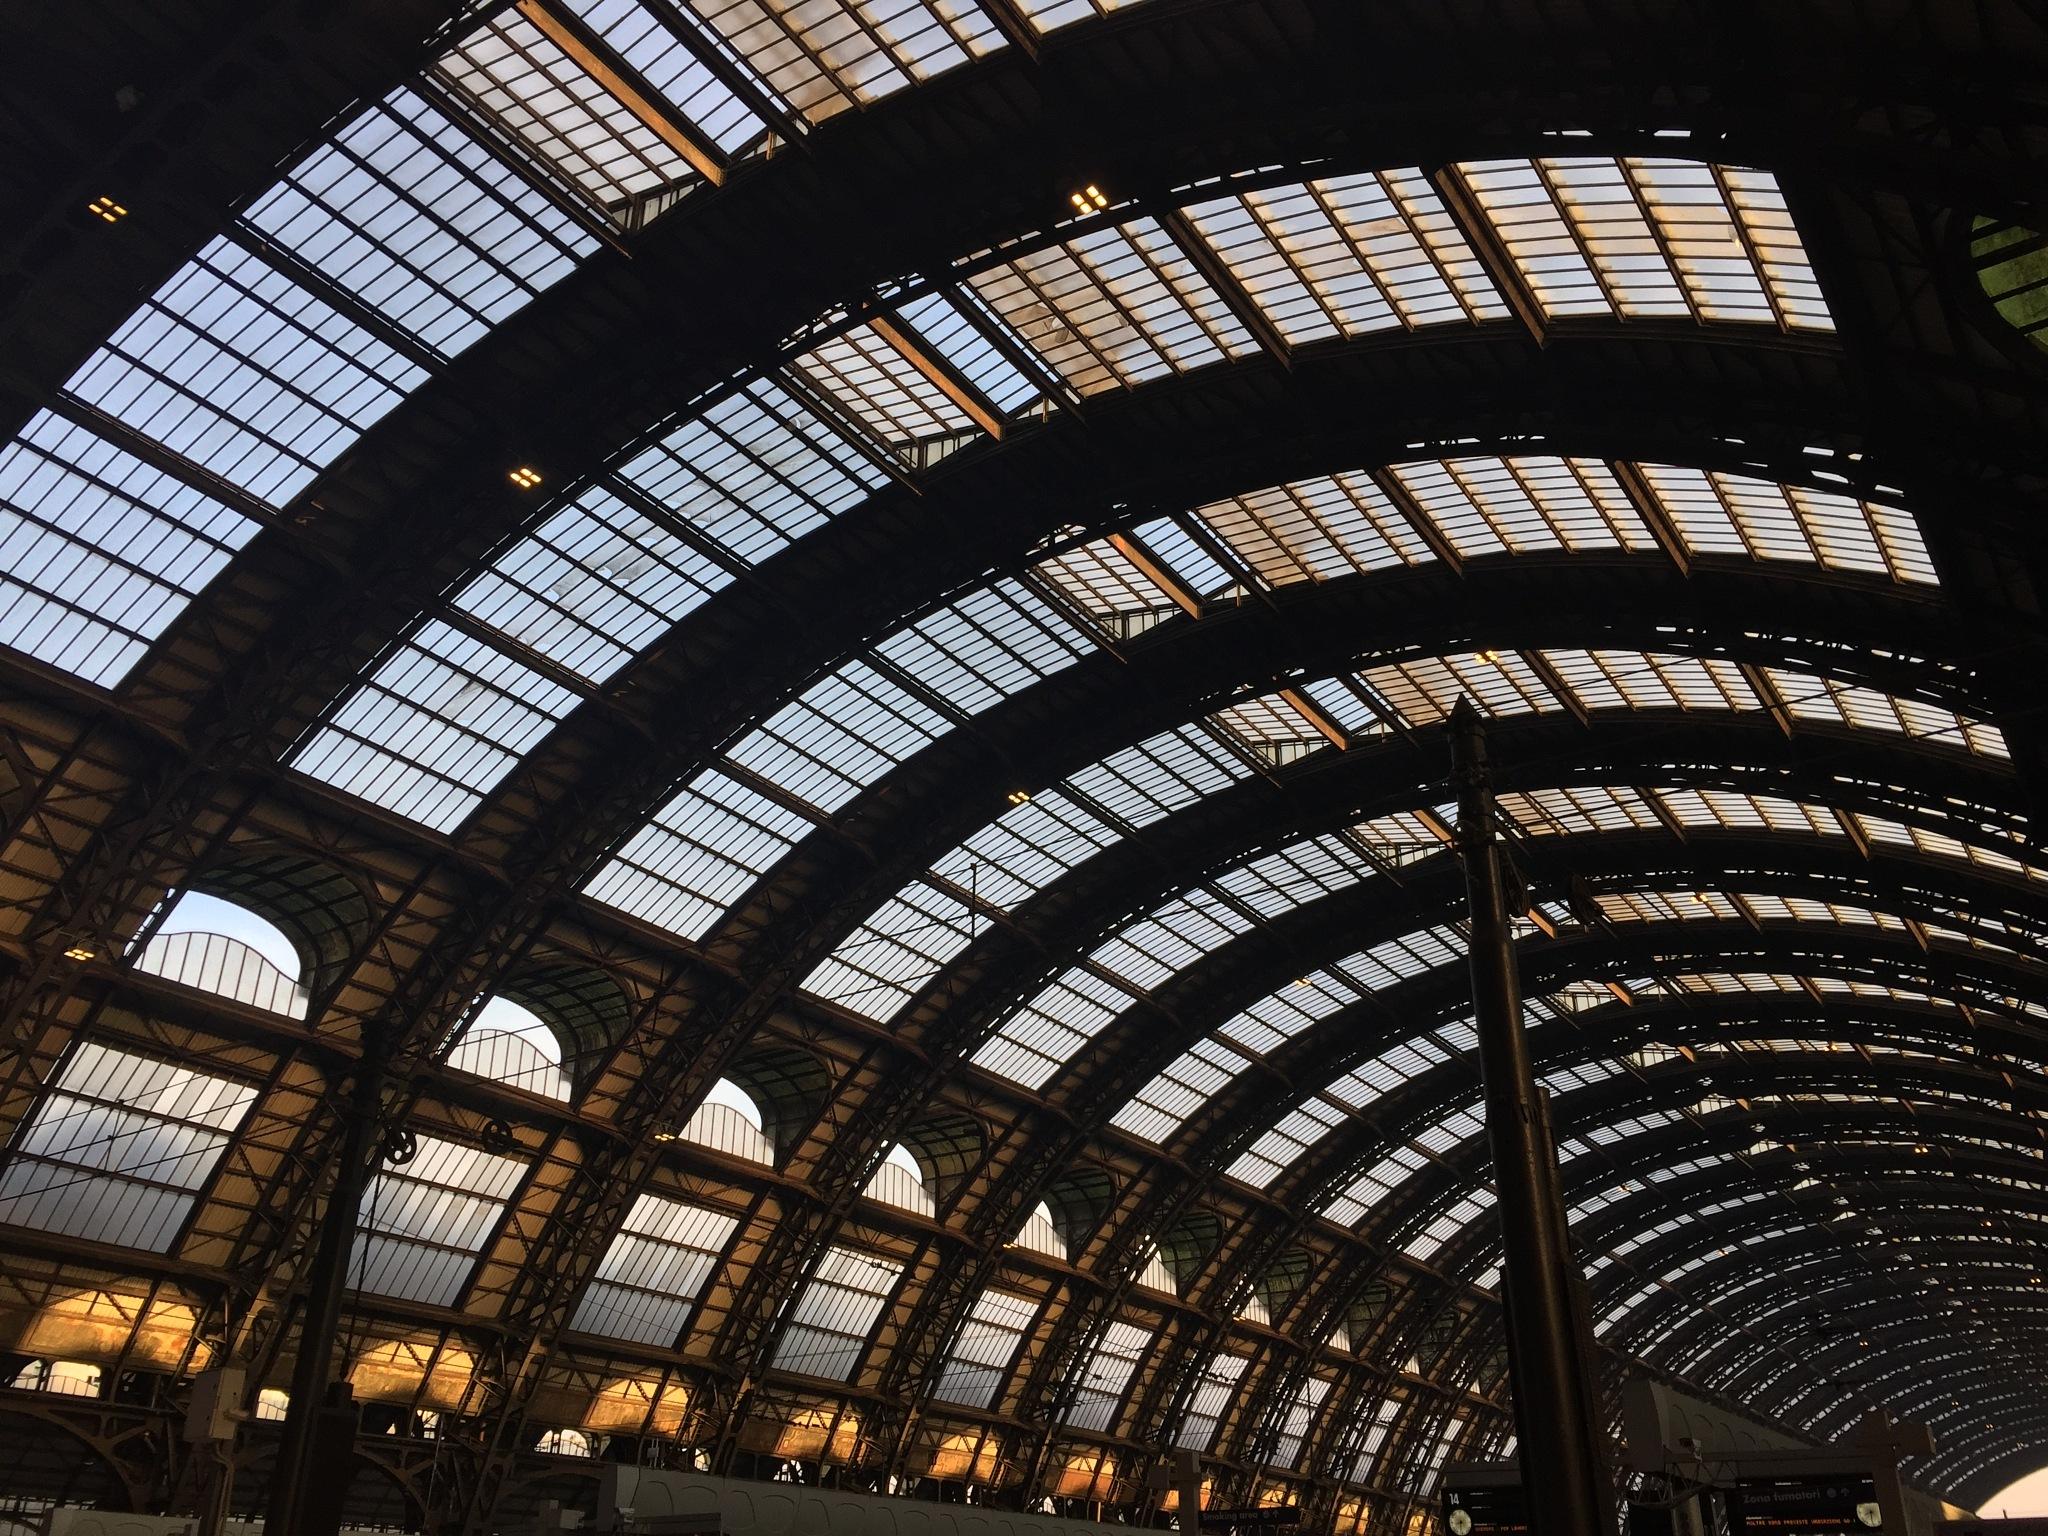 Stazione Centrale by alx0481